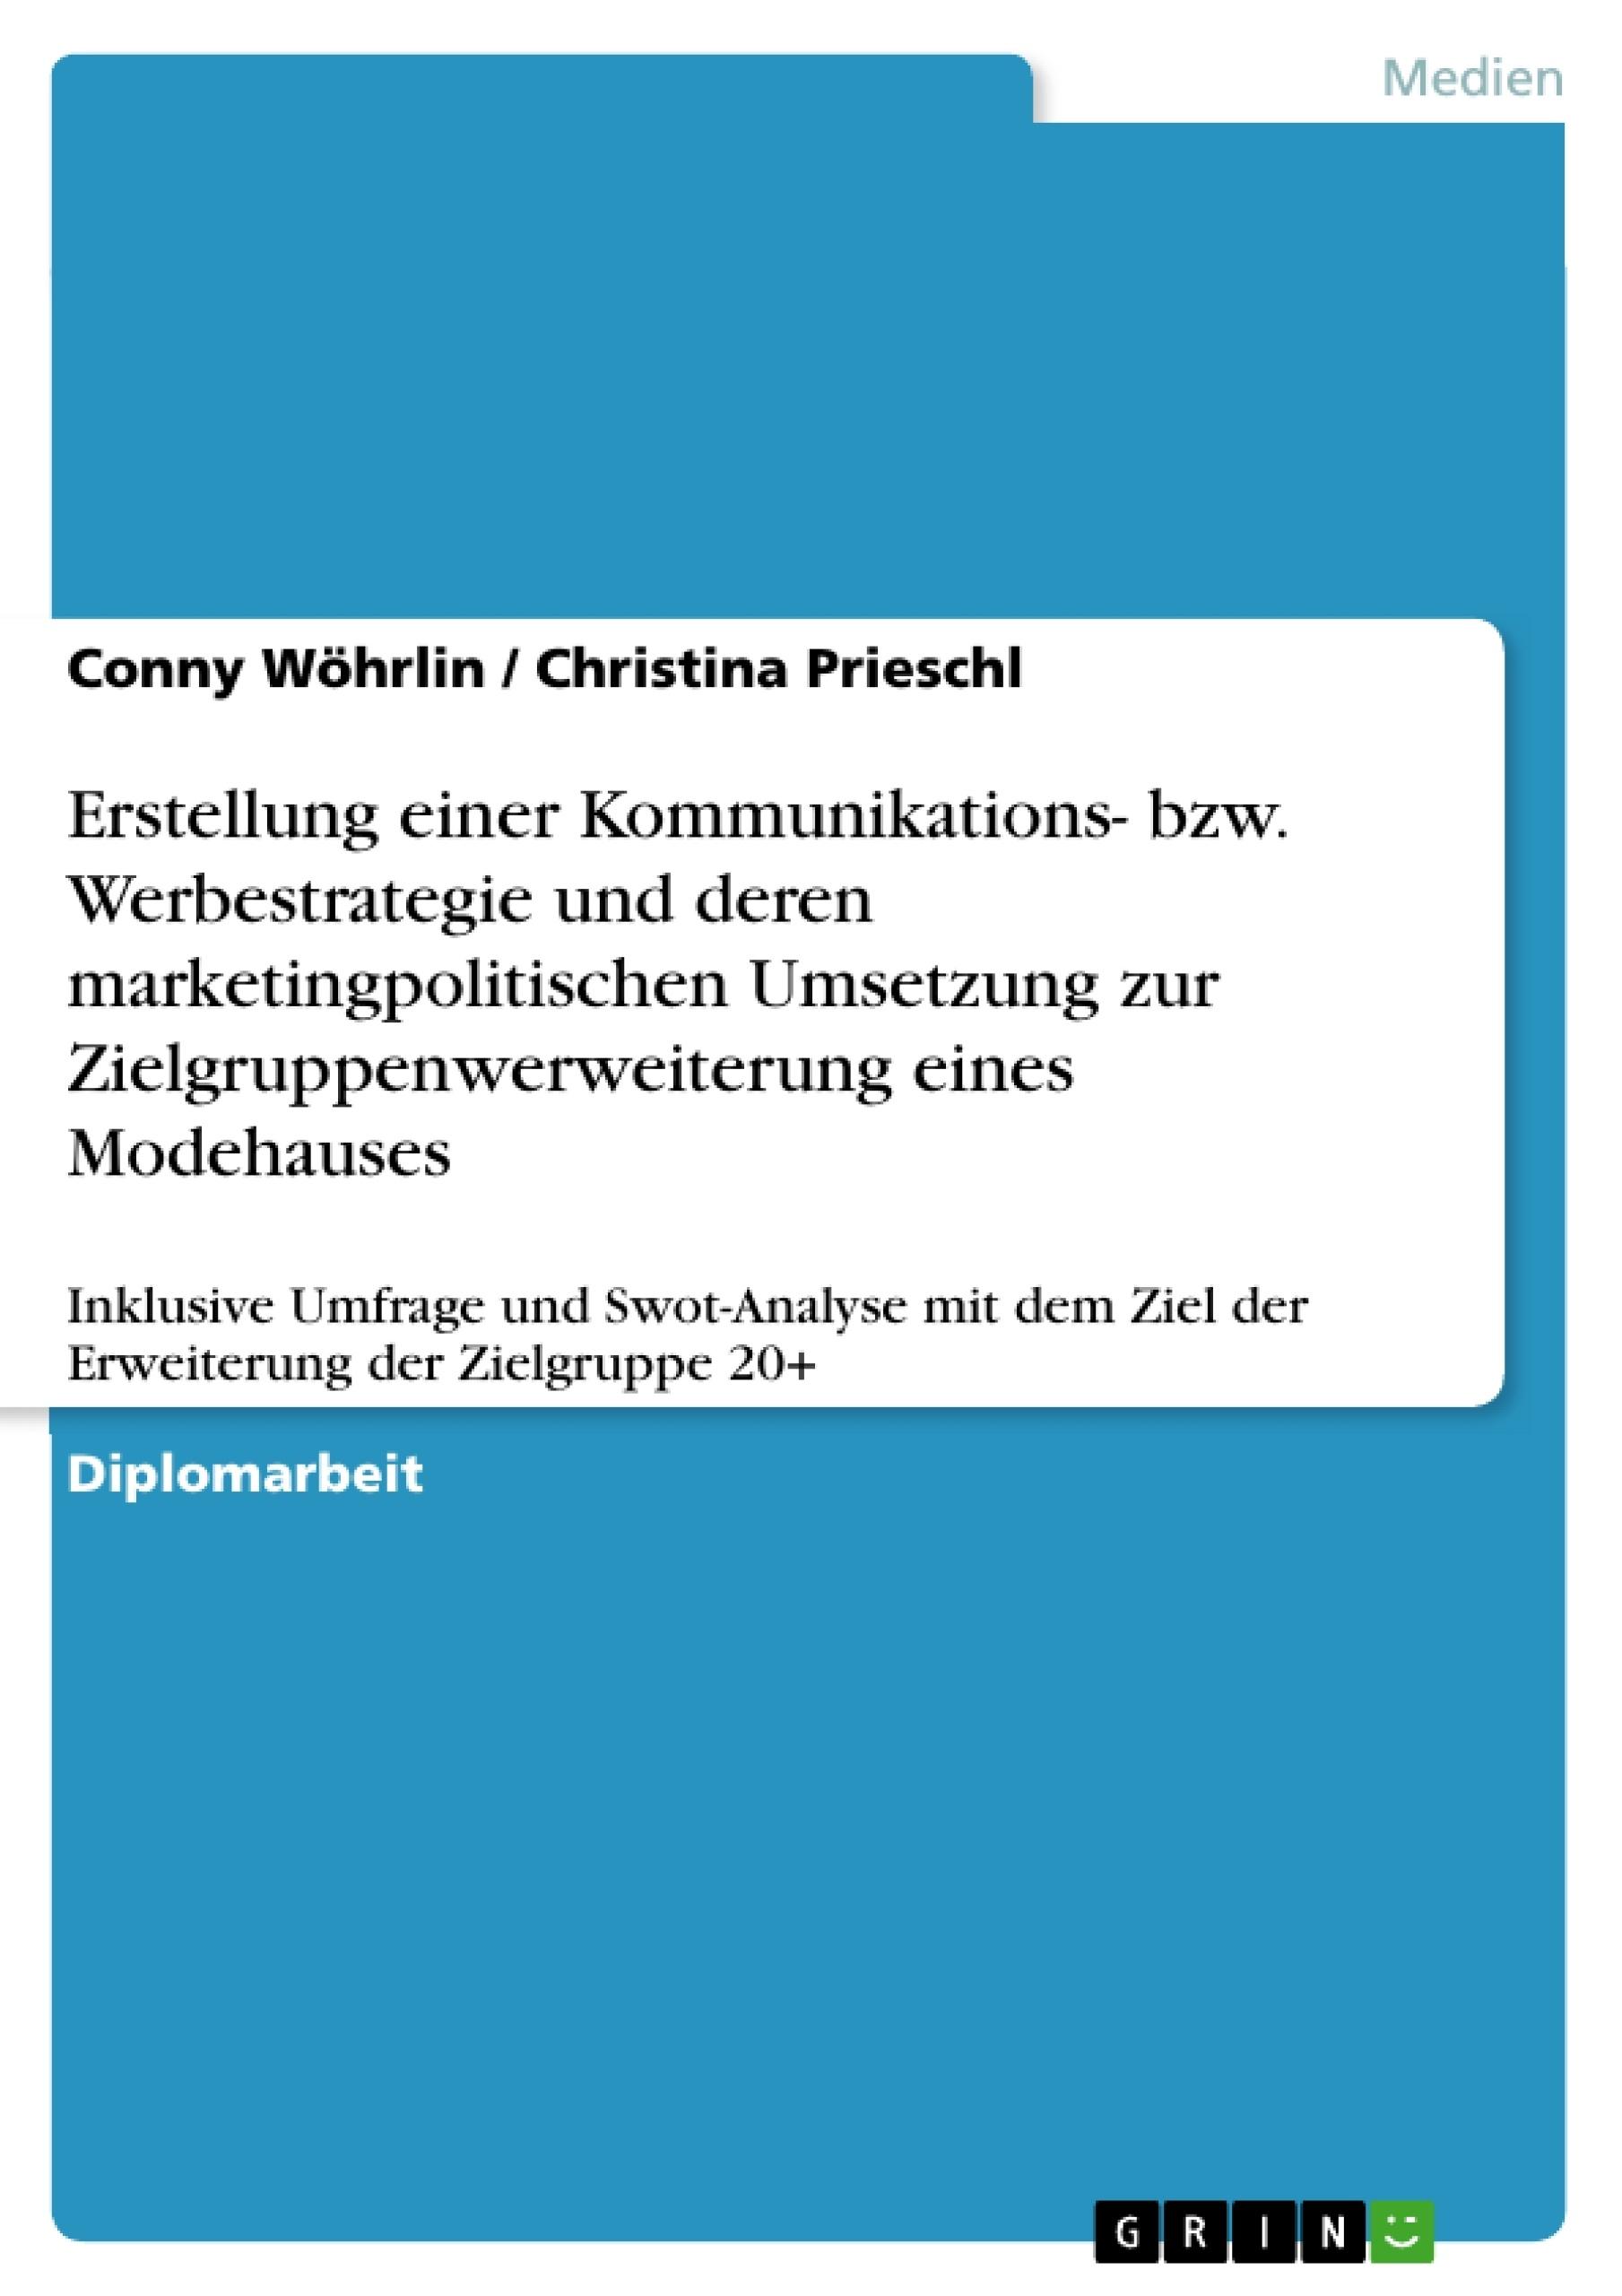 Titel: Erstellung einer Kommunikations- bzw. Werbestrategie und deren marketingpolitischen Umsetzung zur Zielgruppenwerweiterung eines Modehauses